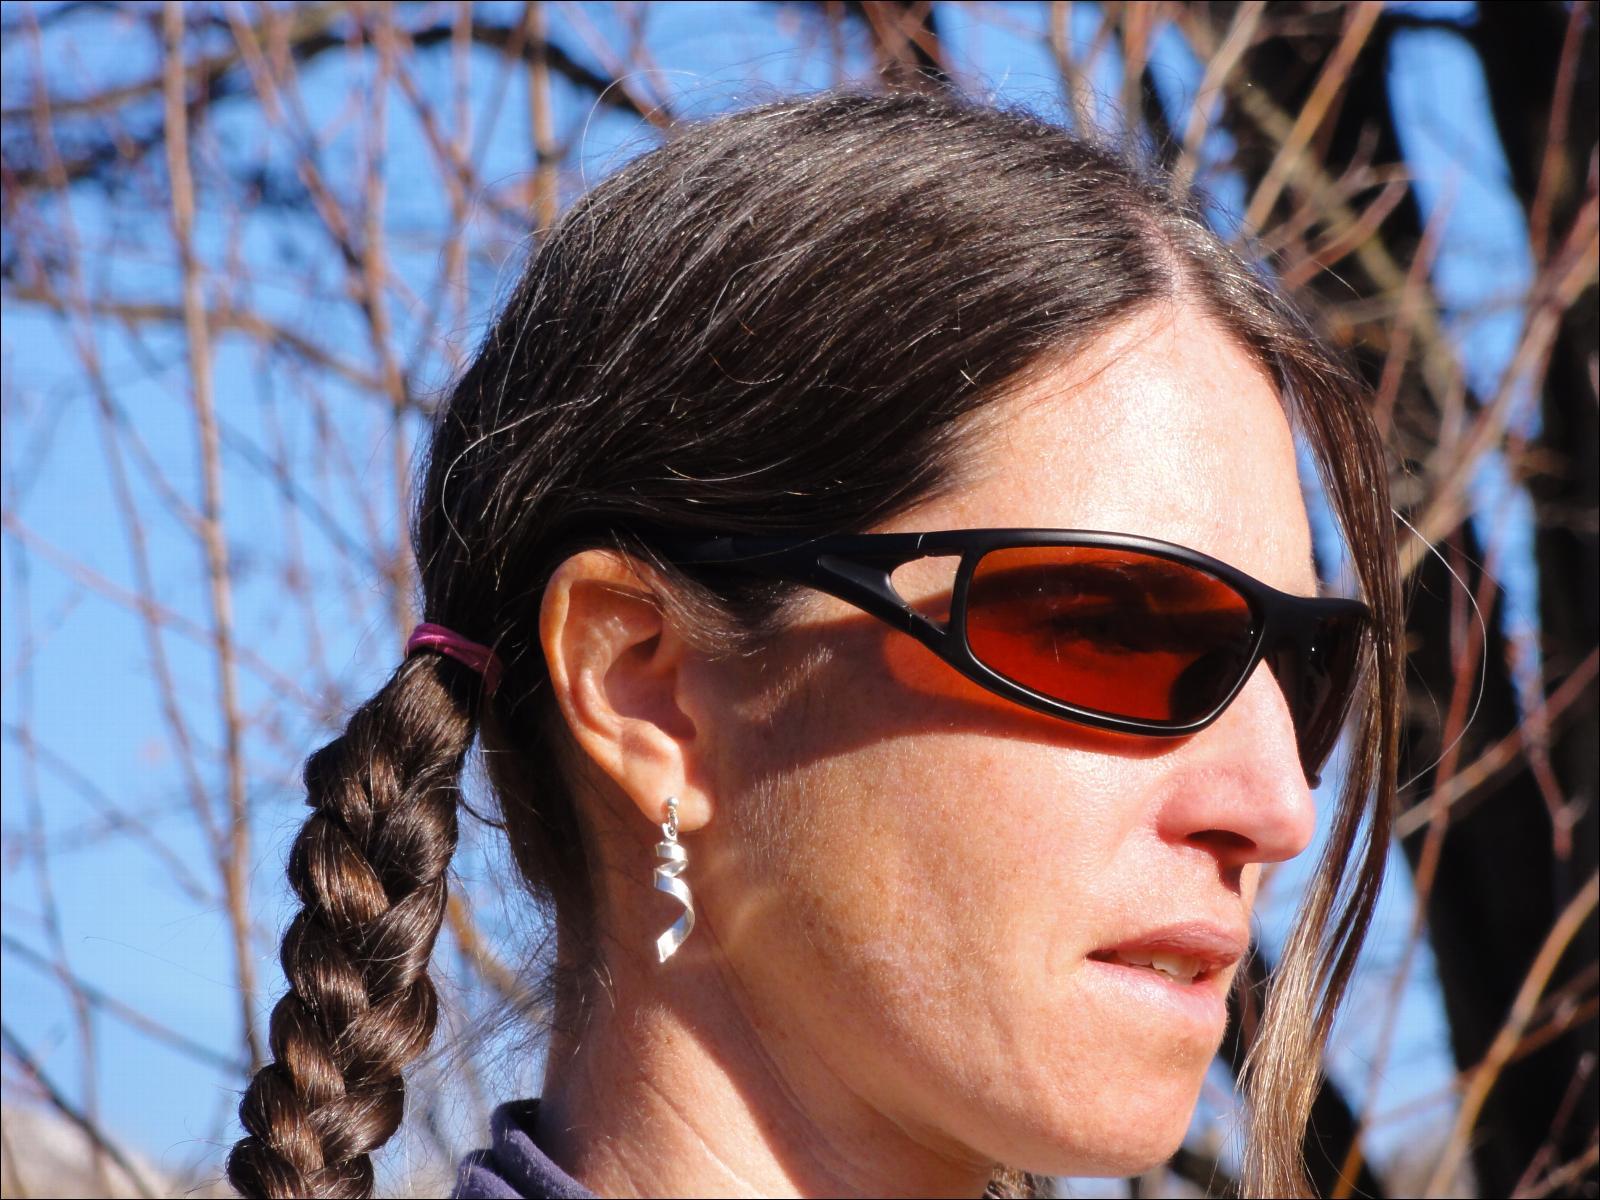 f745d49cf4645 lunettes-soleil-salomon-fusion 04 hr.jpg